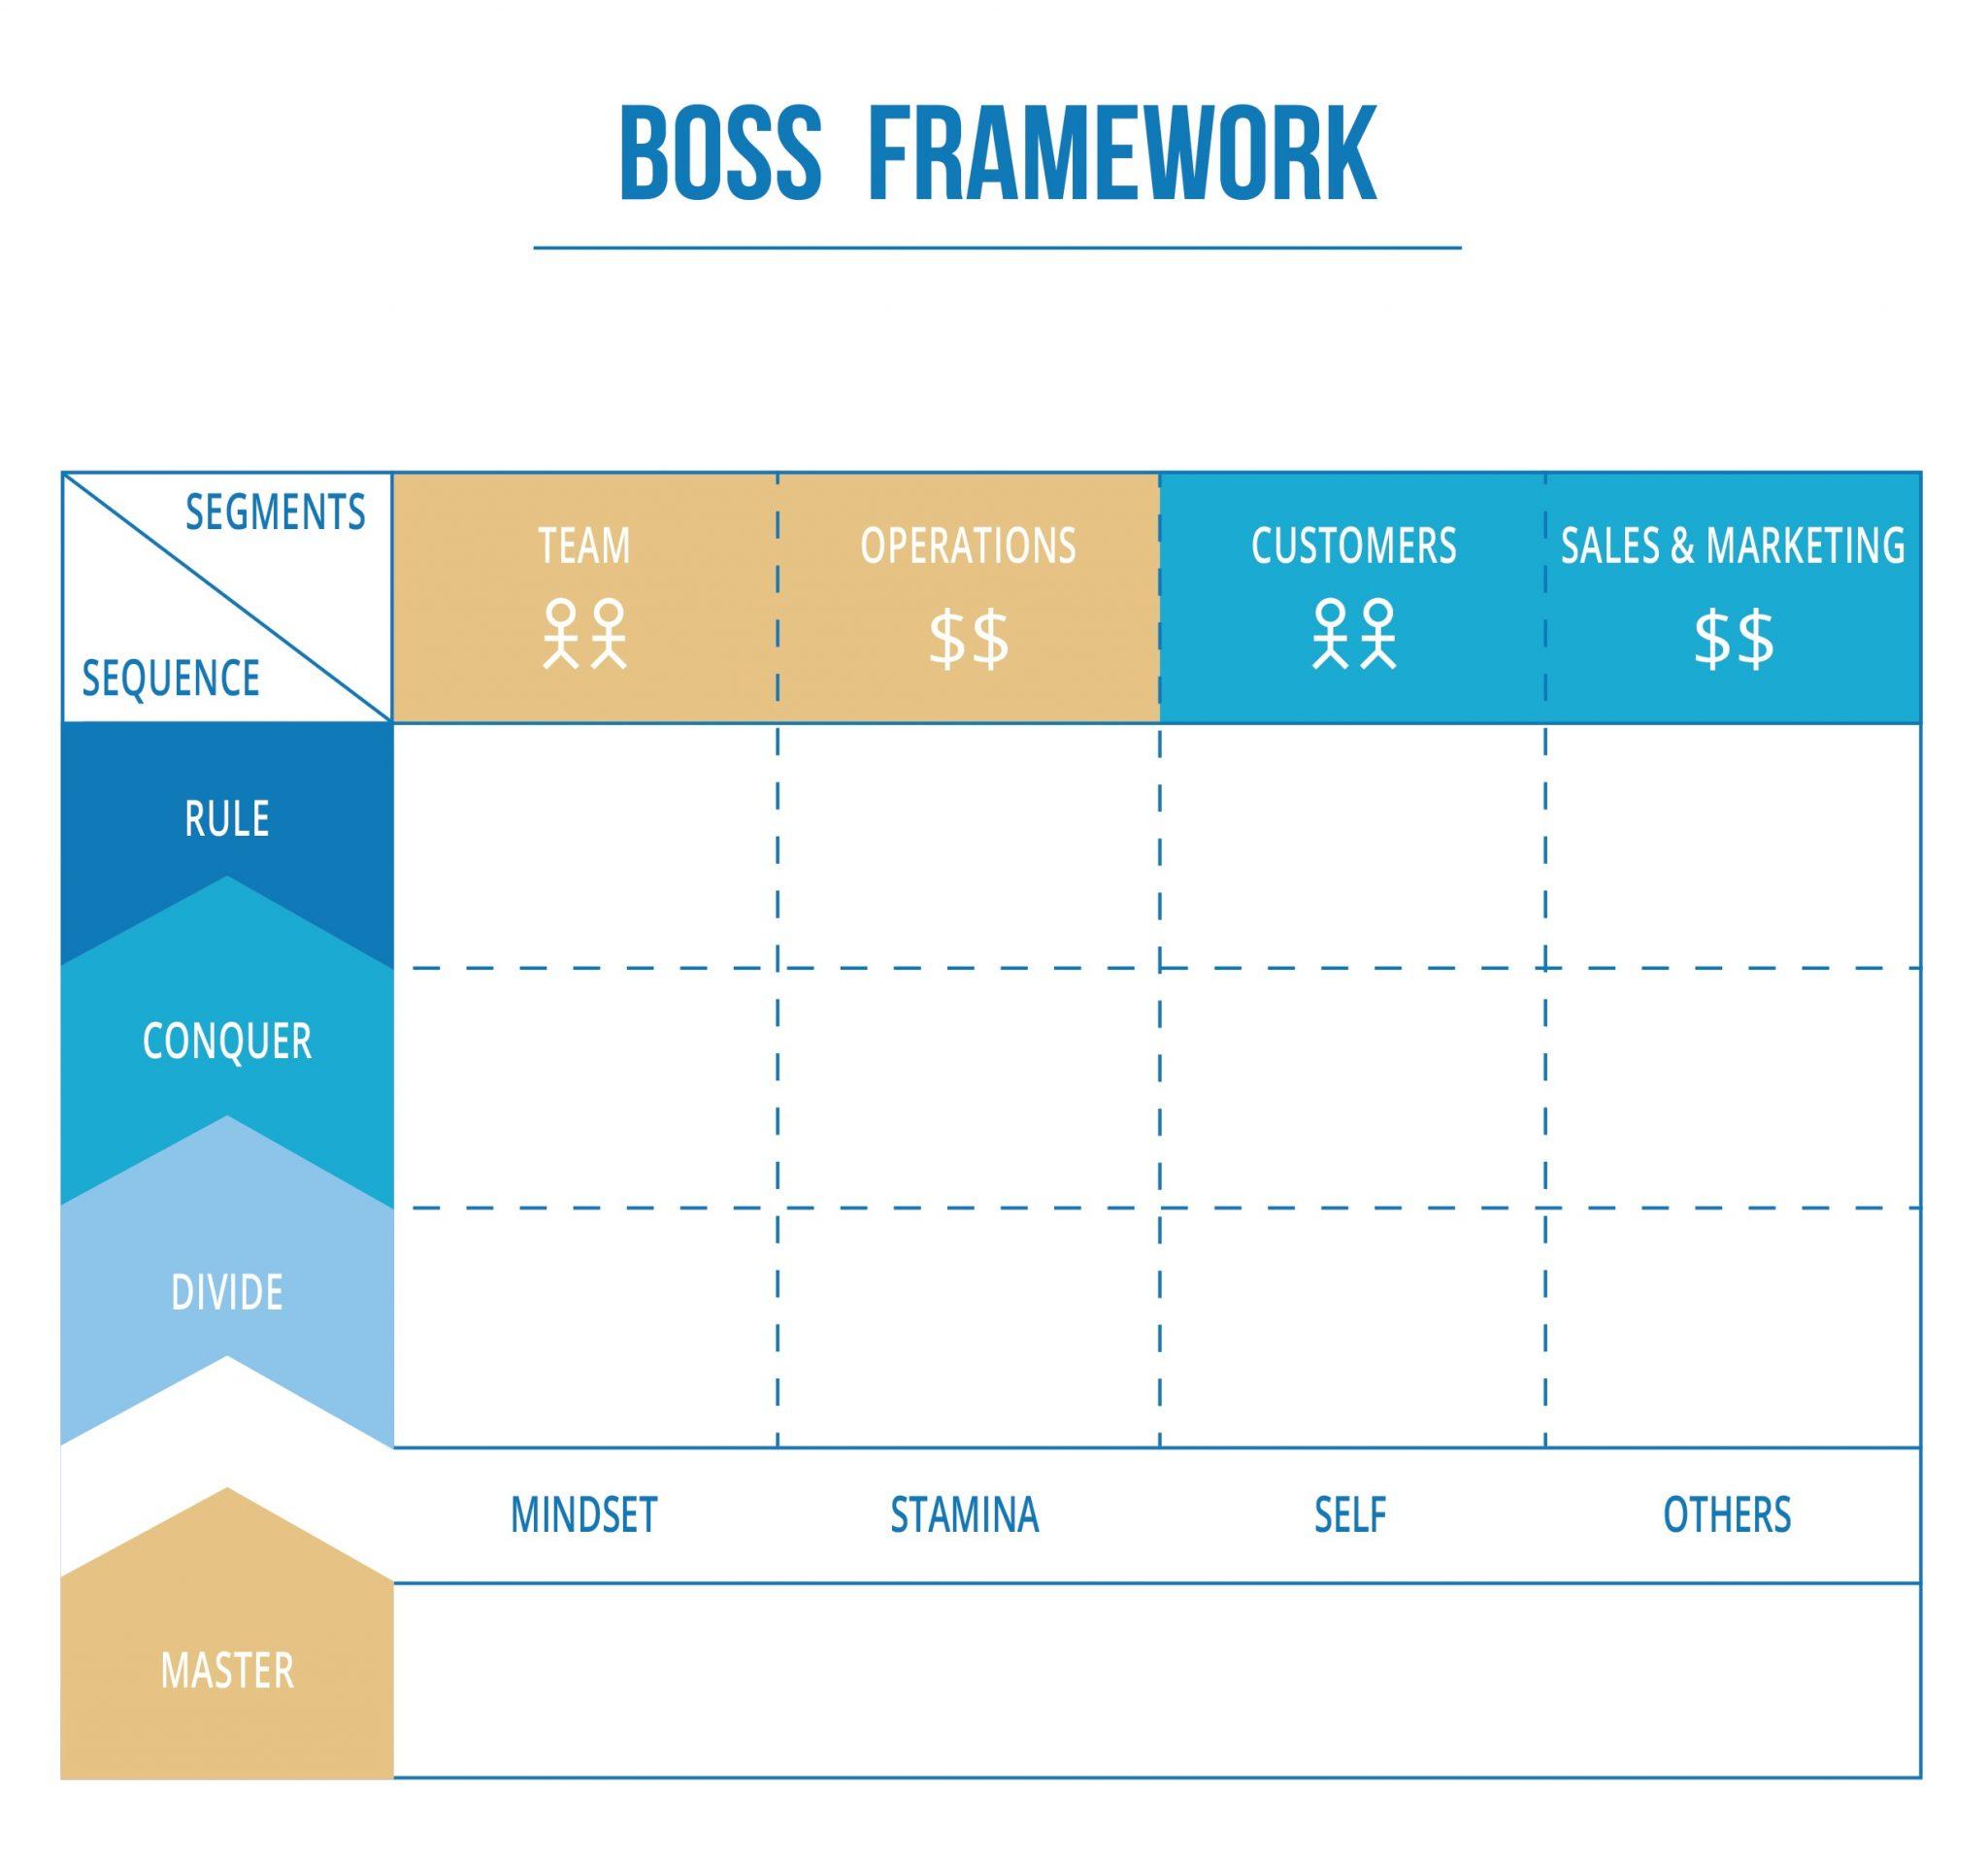 BOSS Framework